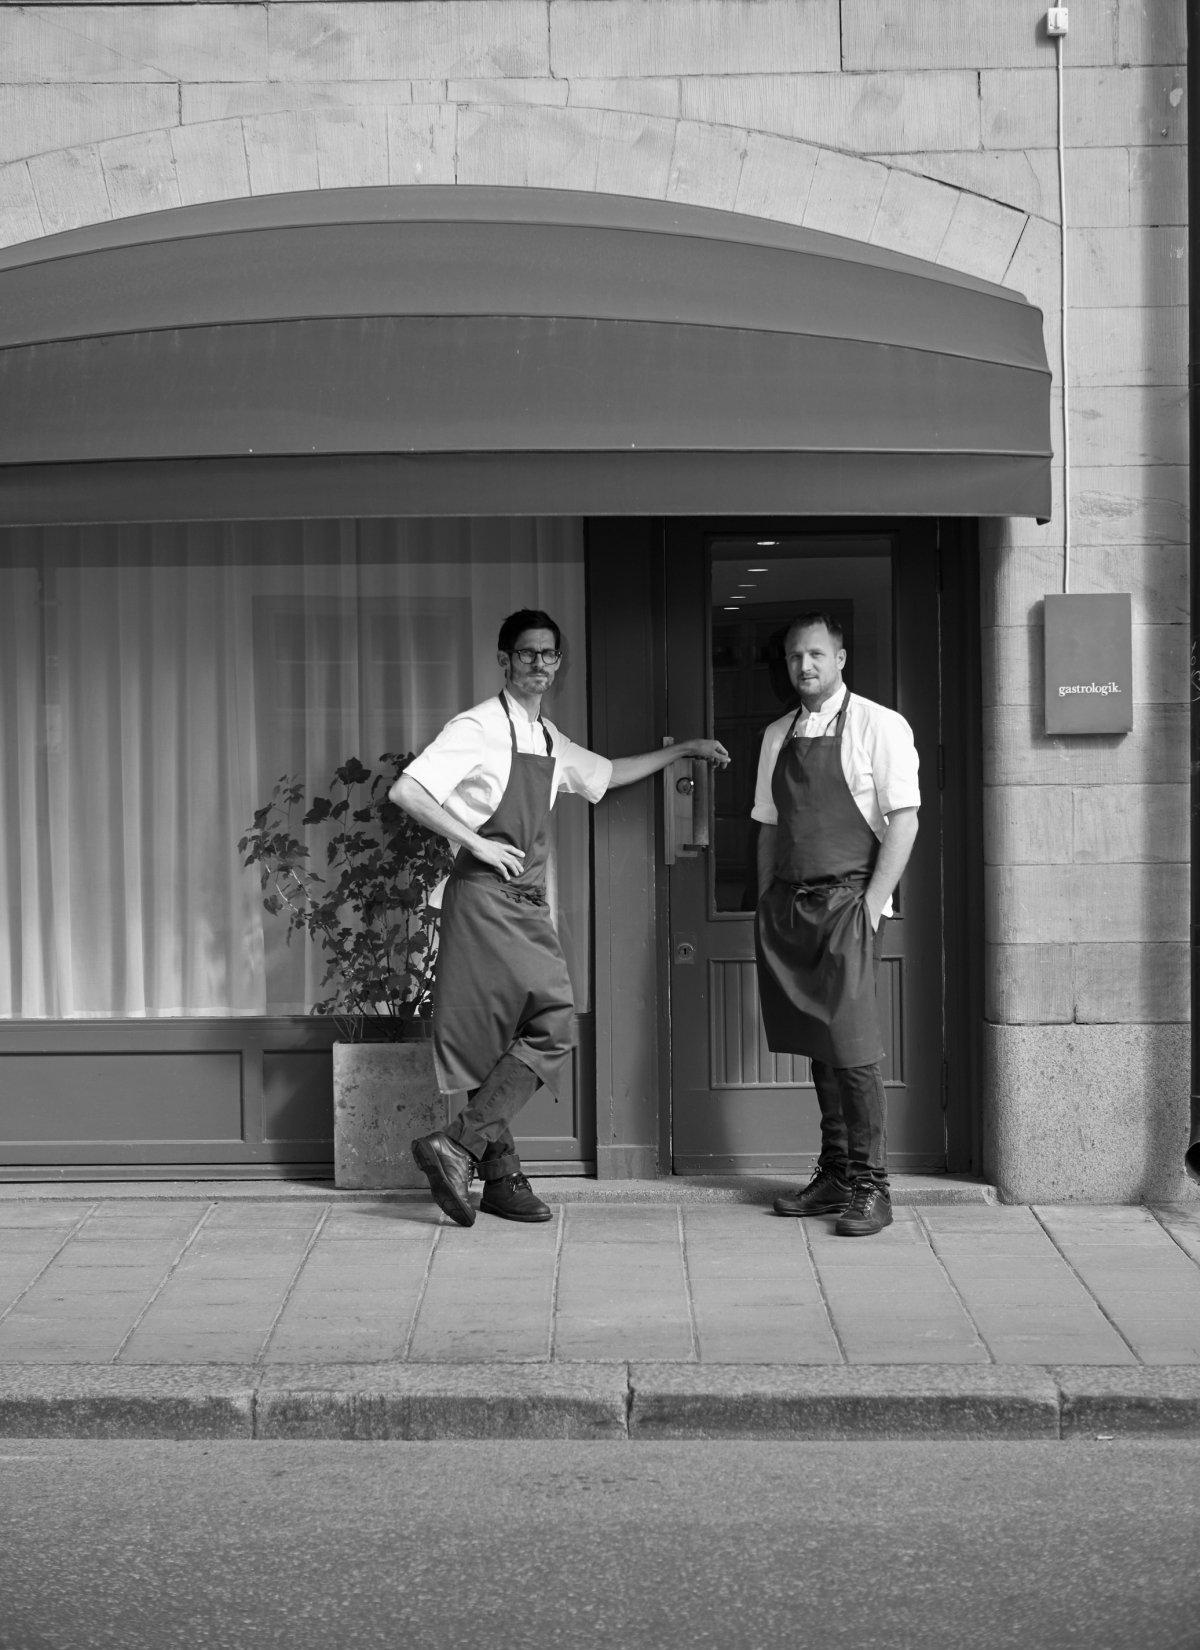 Jacob Holmström y Anton Bjuhr a las puertas del restaurante Gastrologik